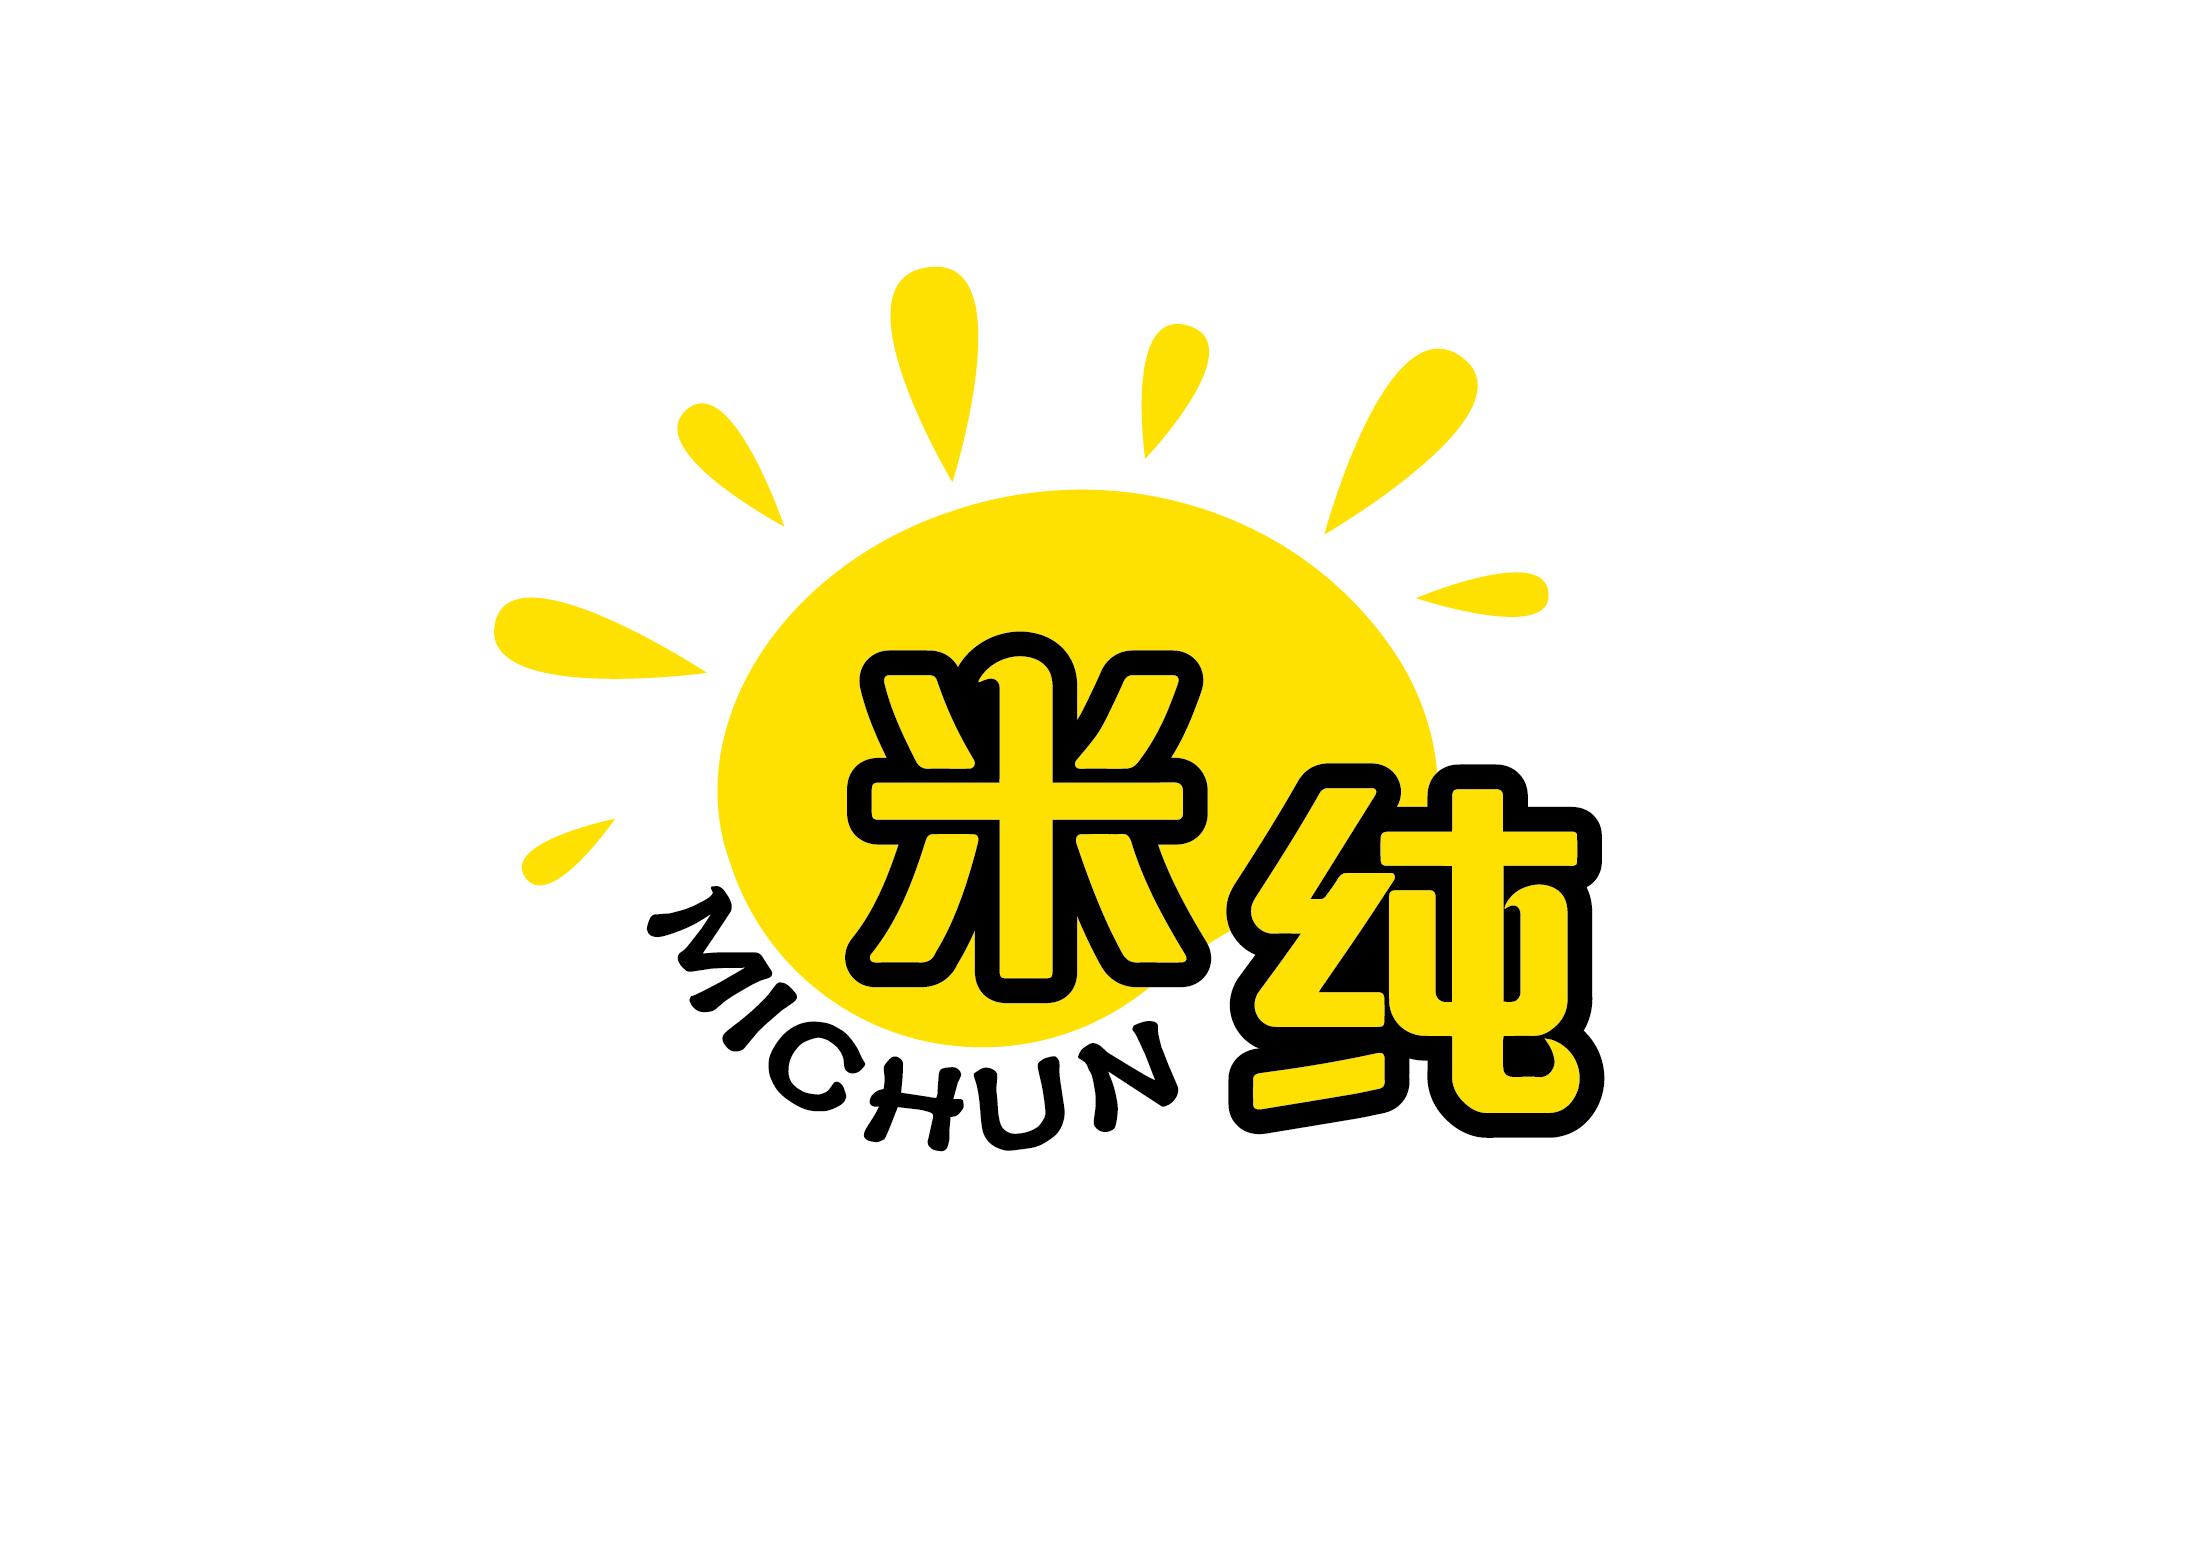 牛奶品牌logo 图片合集图片